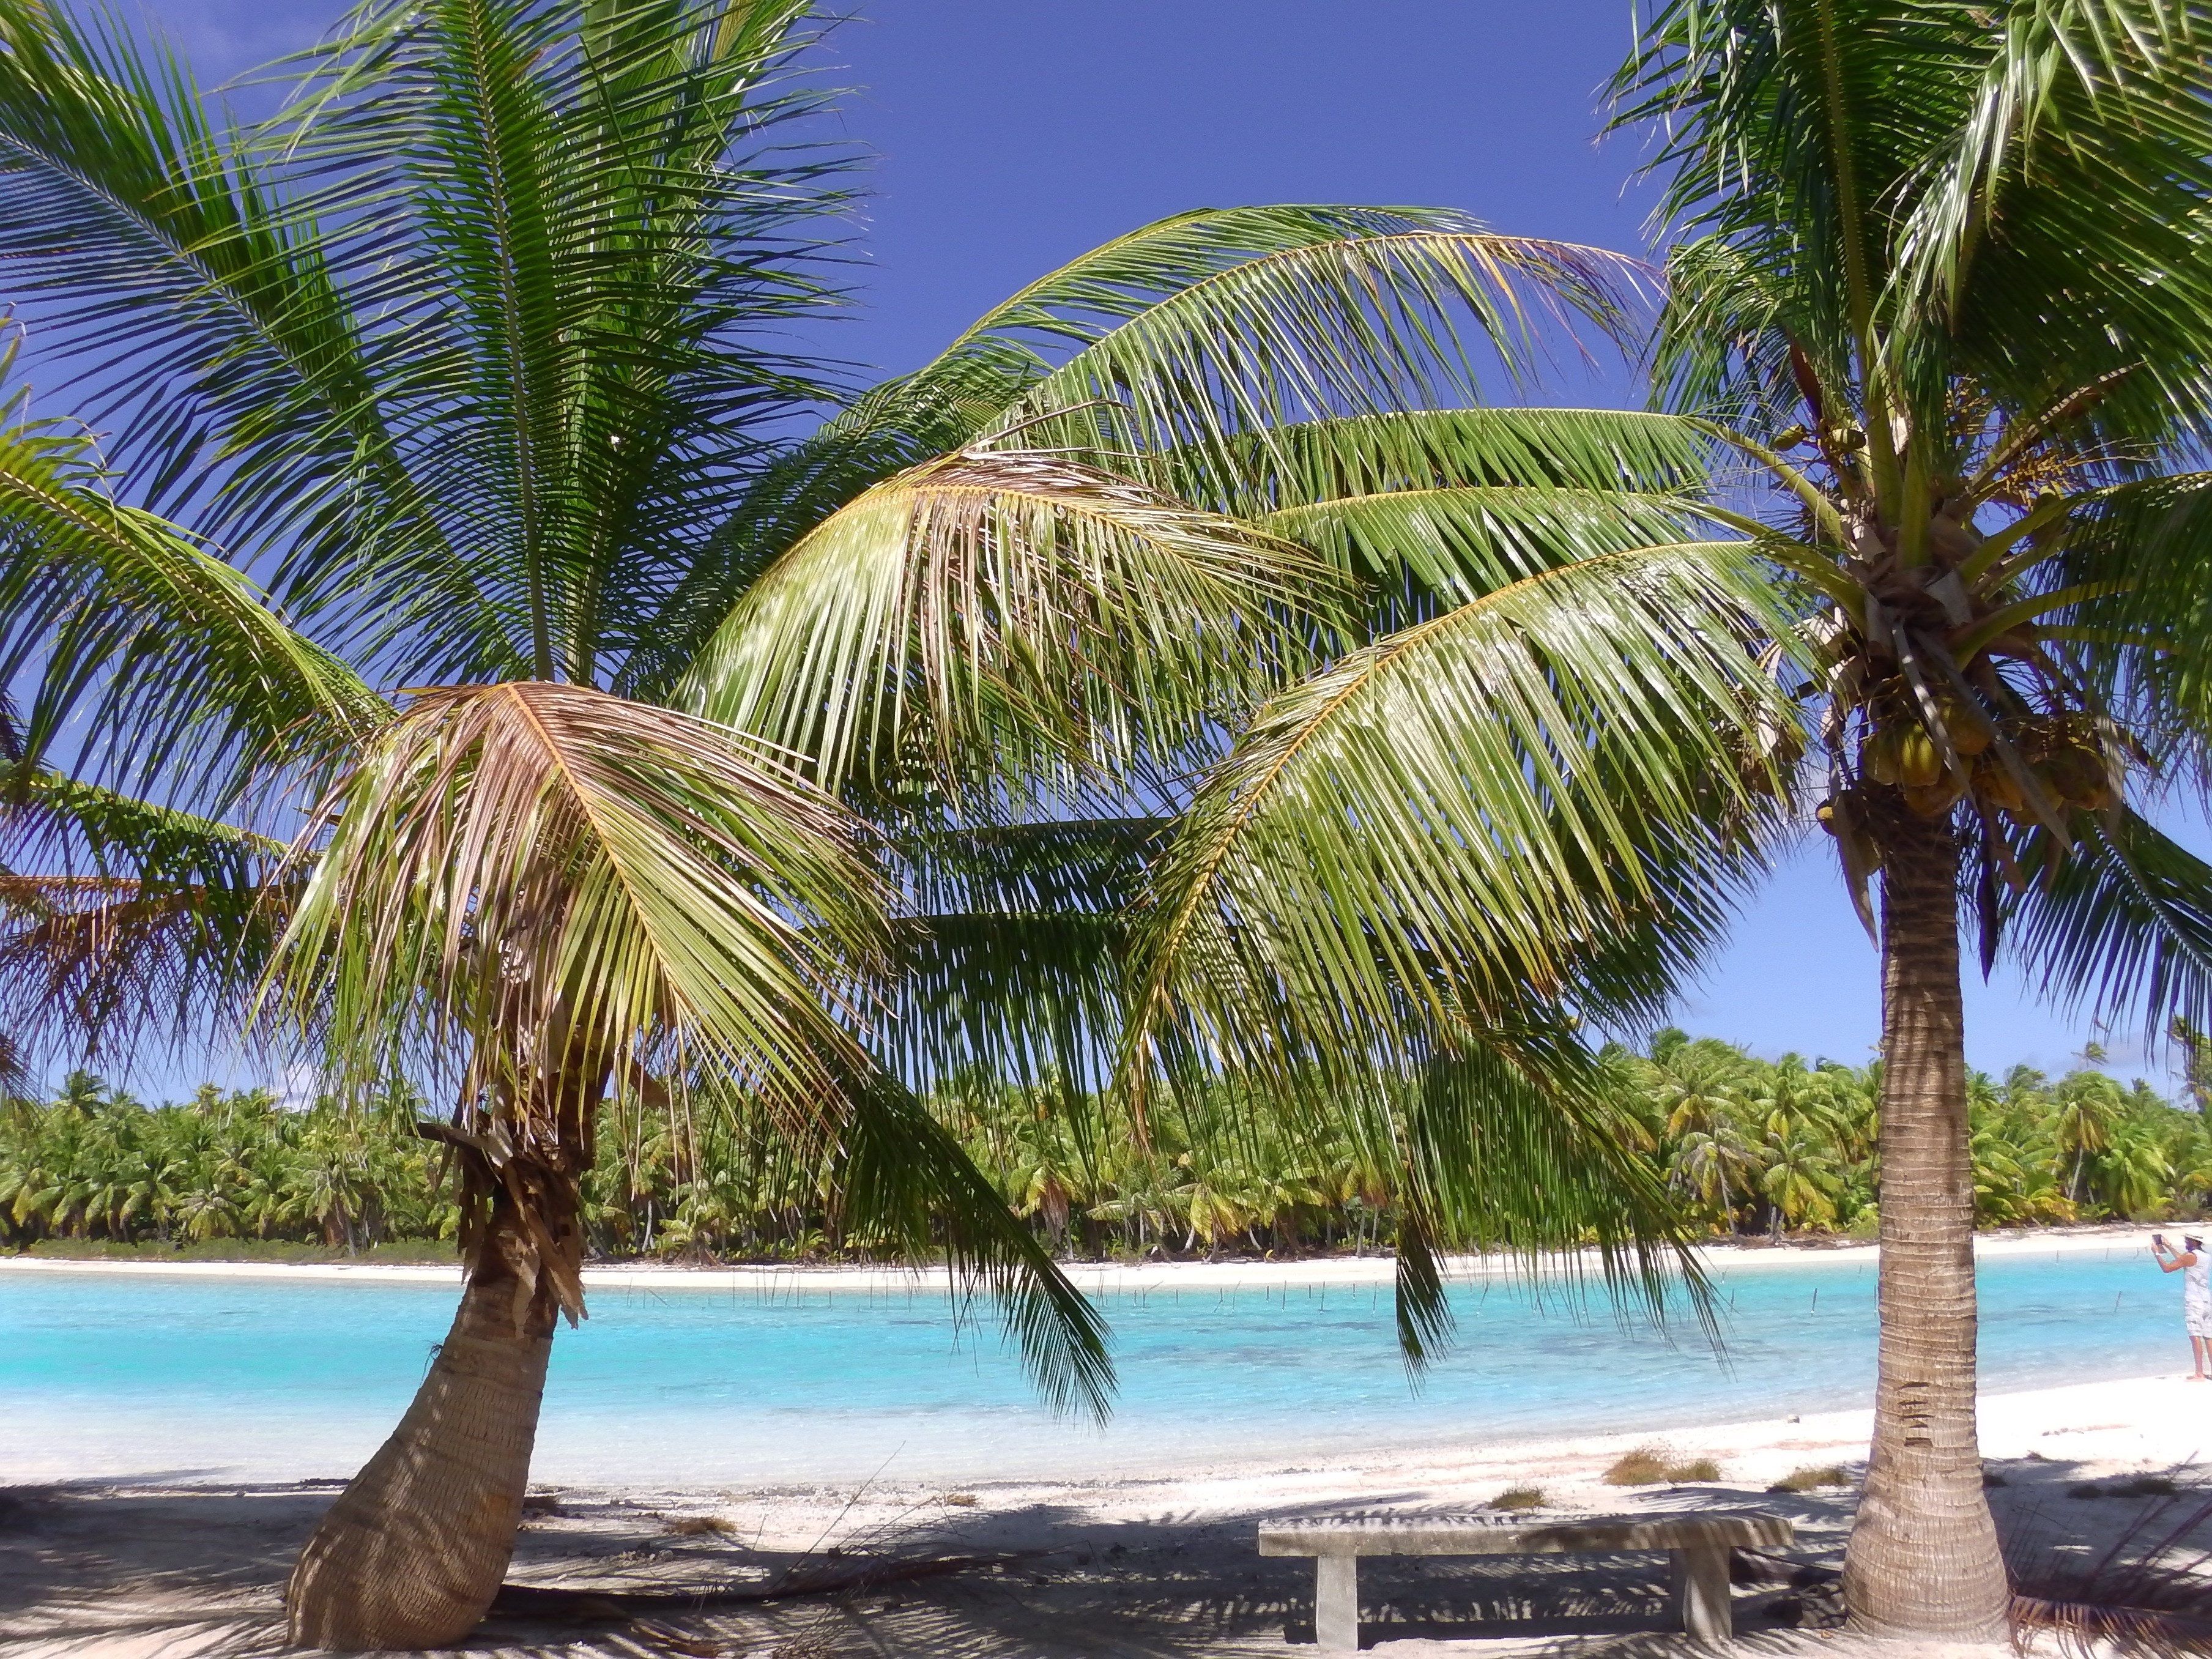 Carnet de voyage – TAHITI – Tout savoir, ou presque, sur la Polynésie française